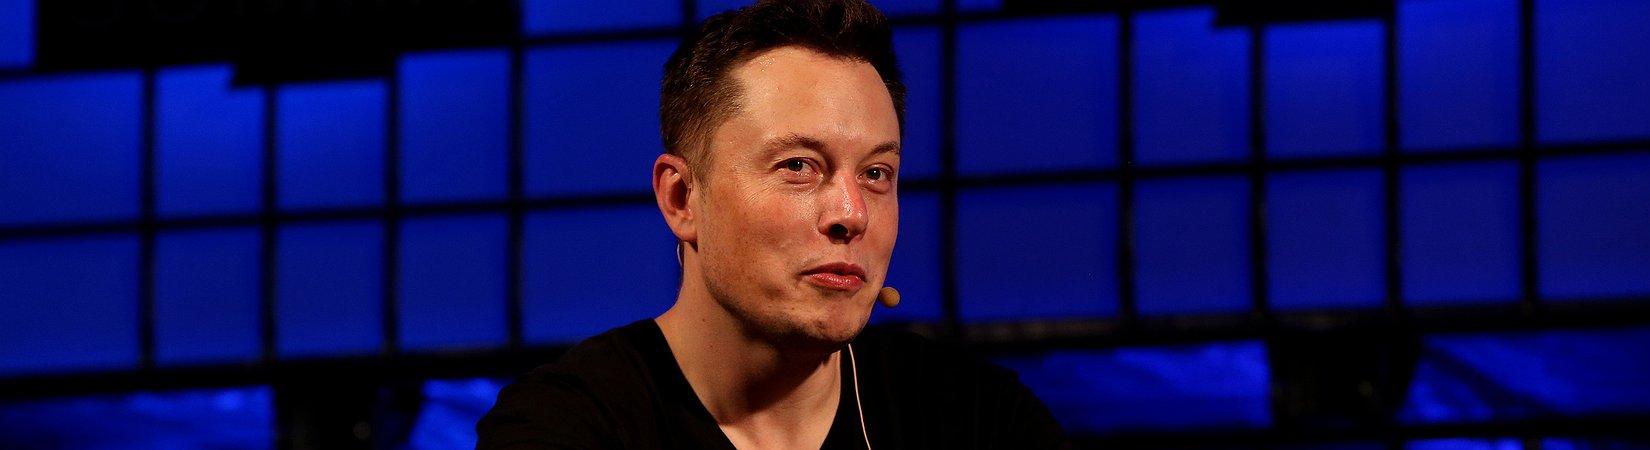 10 sorprendentes cosas que no sabías sobre Elon Musk